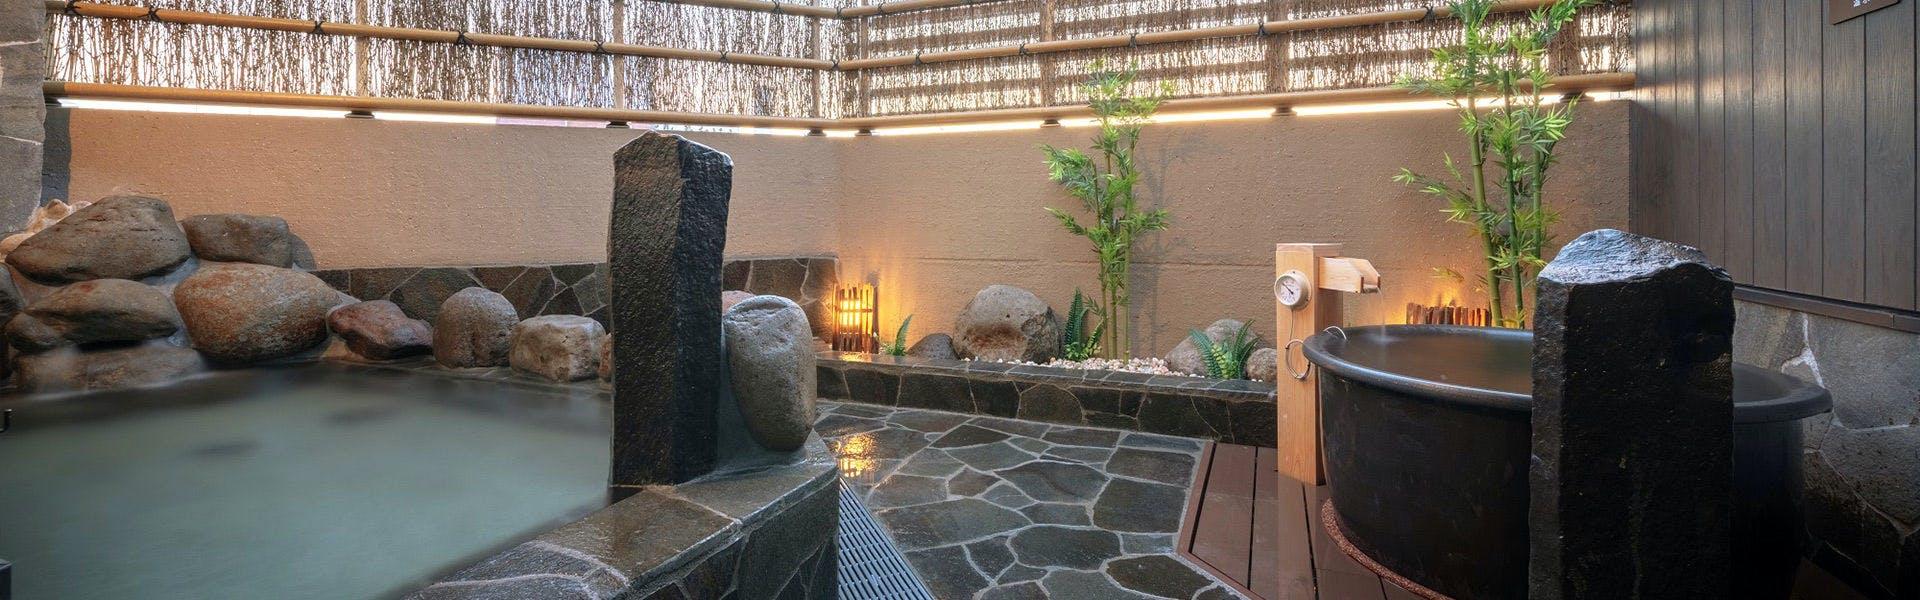 記念日におすすめのホテル・【天然温泉 さんさの湯 ドーミーイン盛岡】の写真2